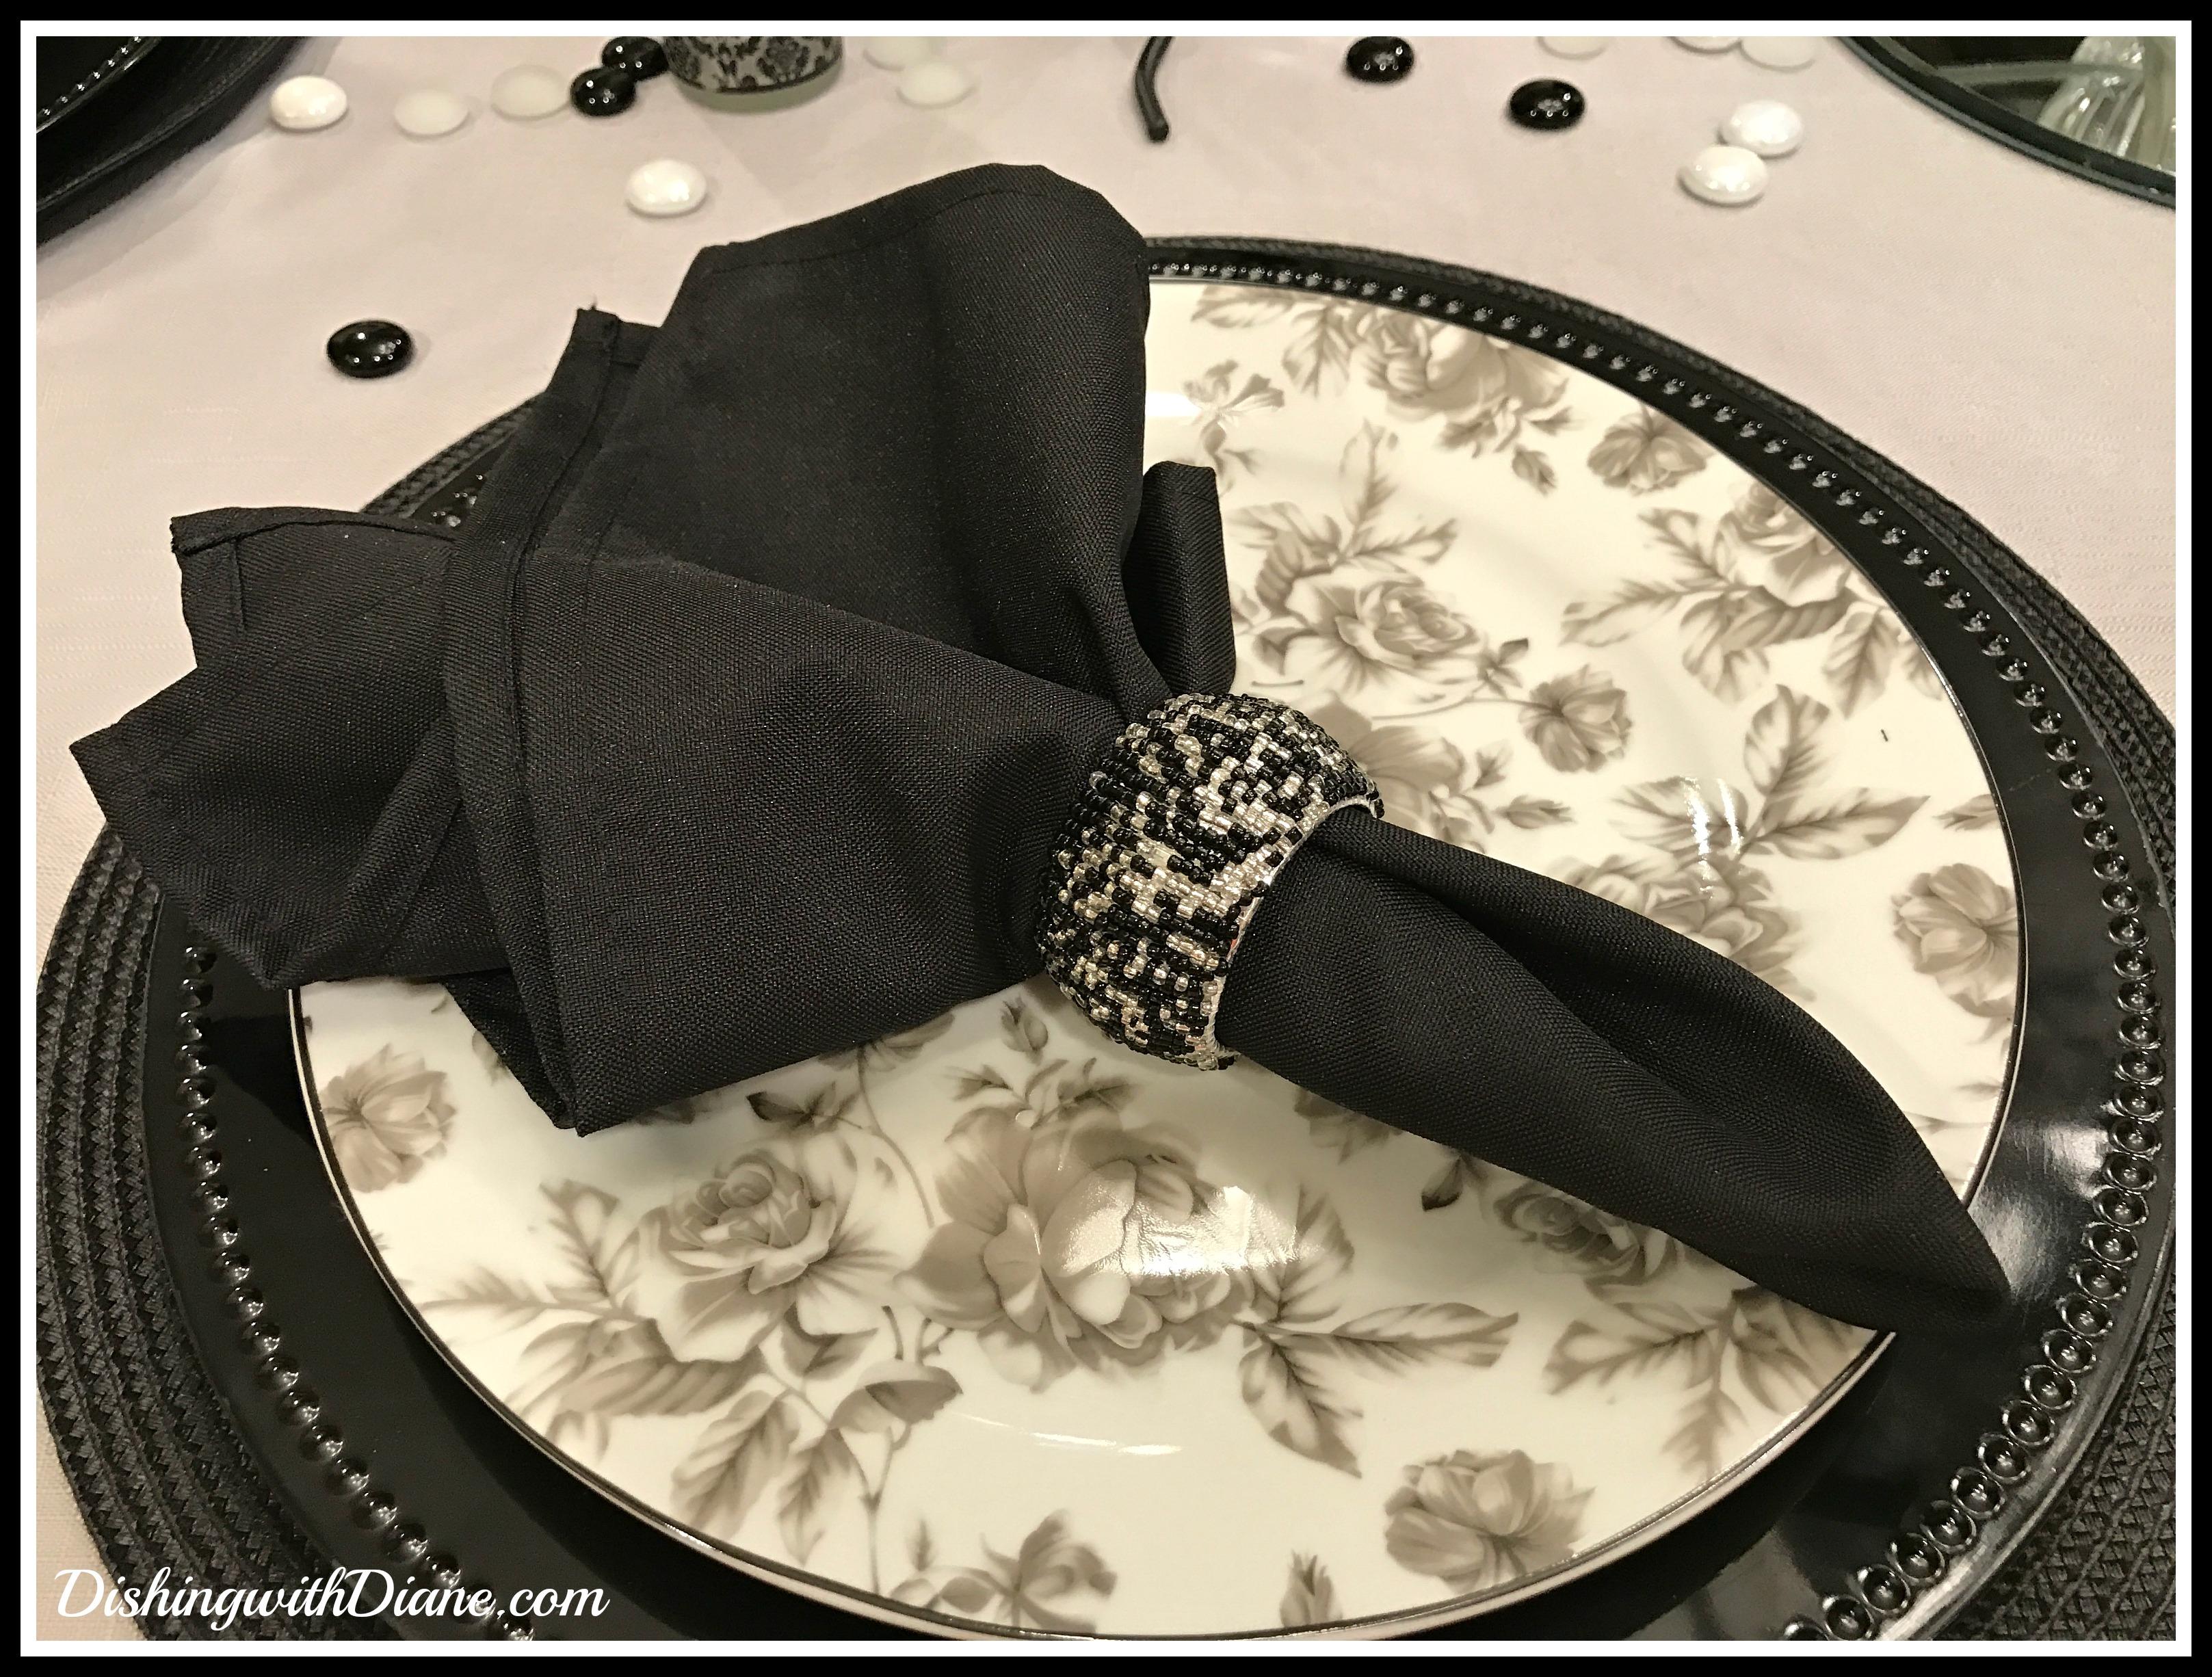 photo-jan-24-11-13-05-pm-napkin